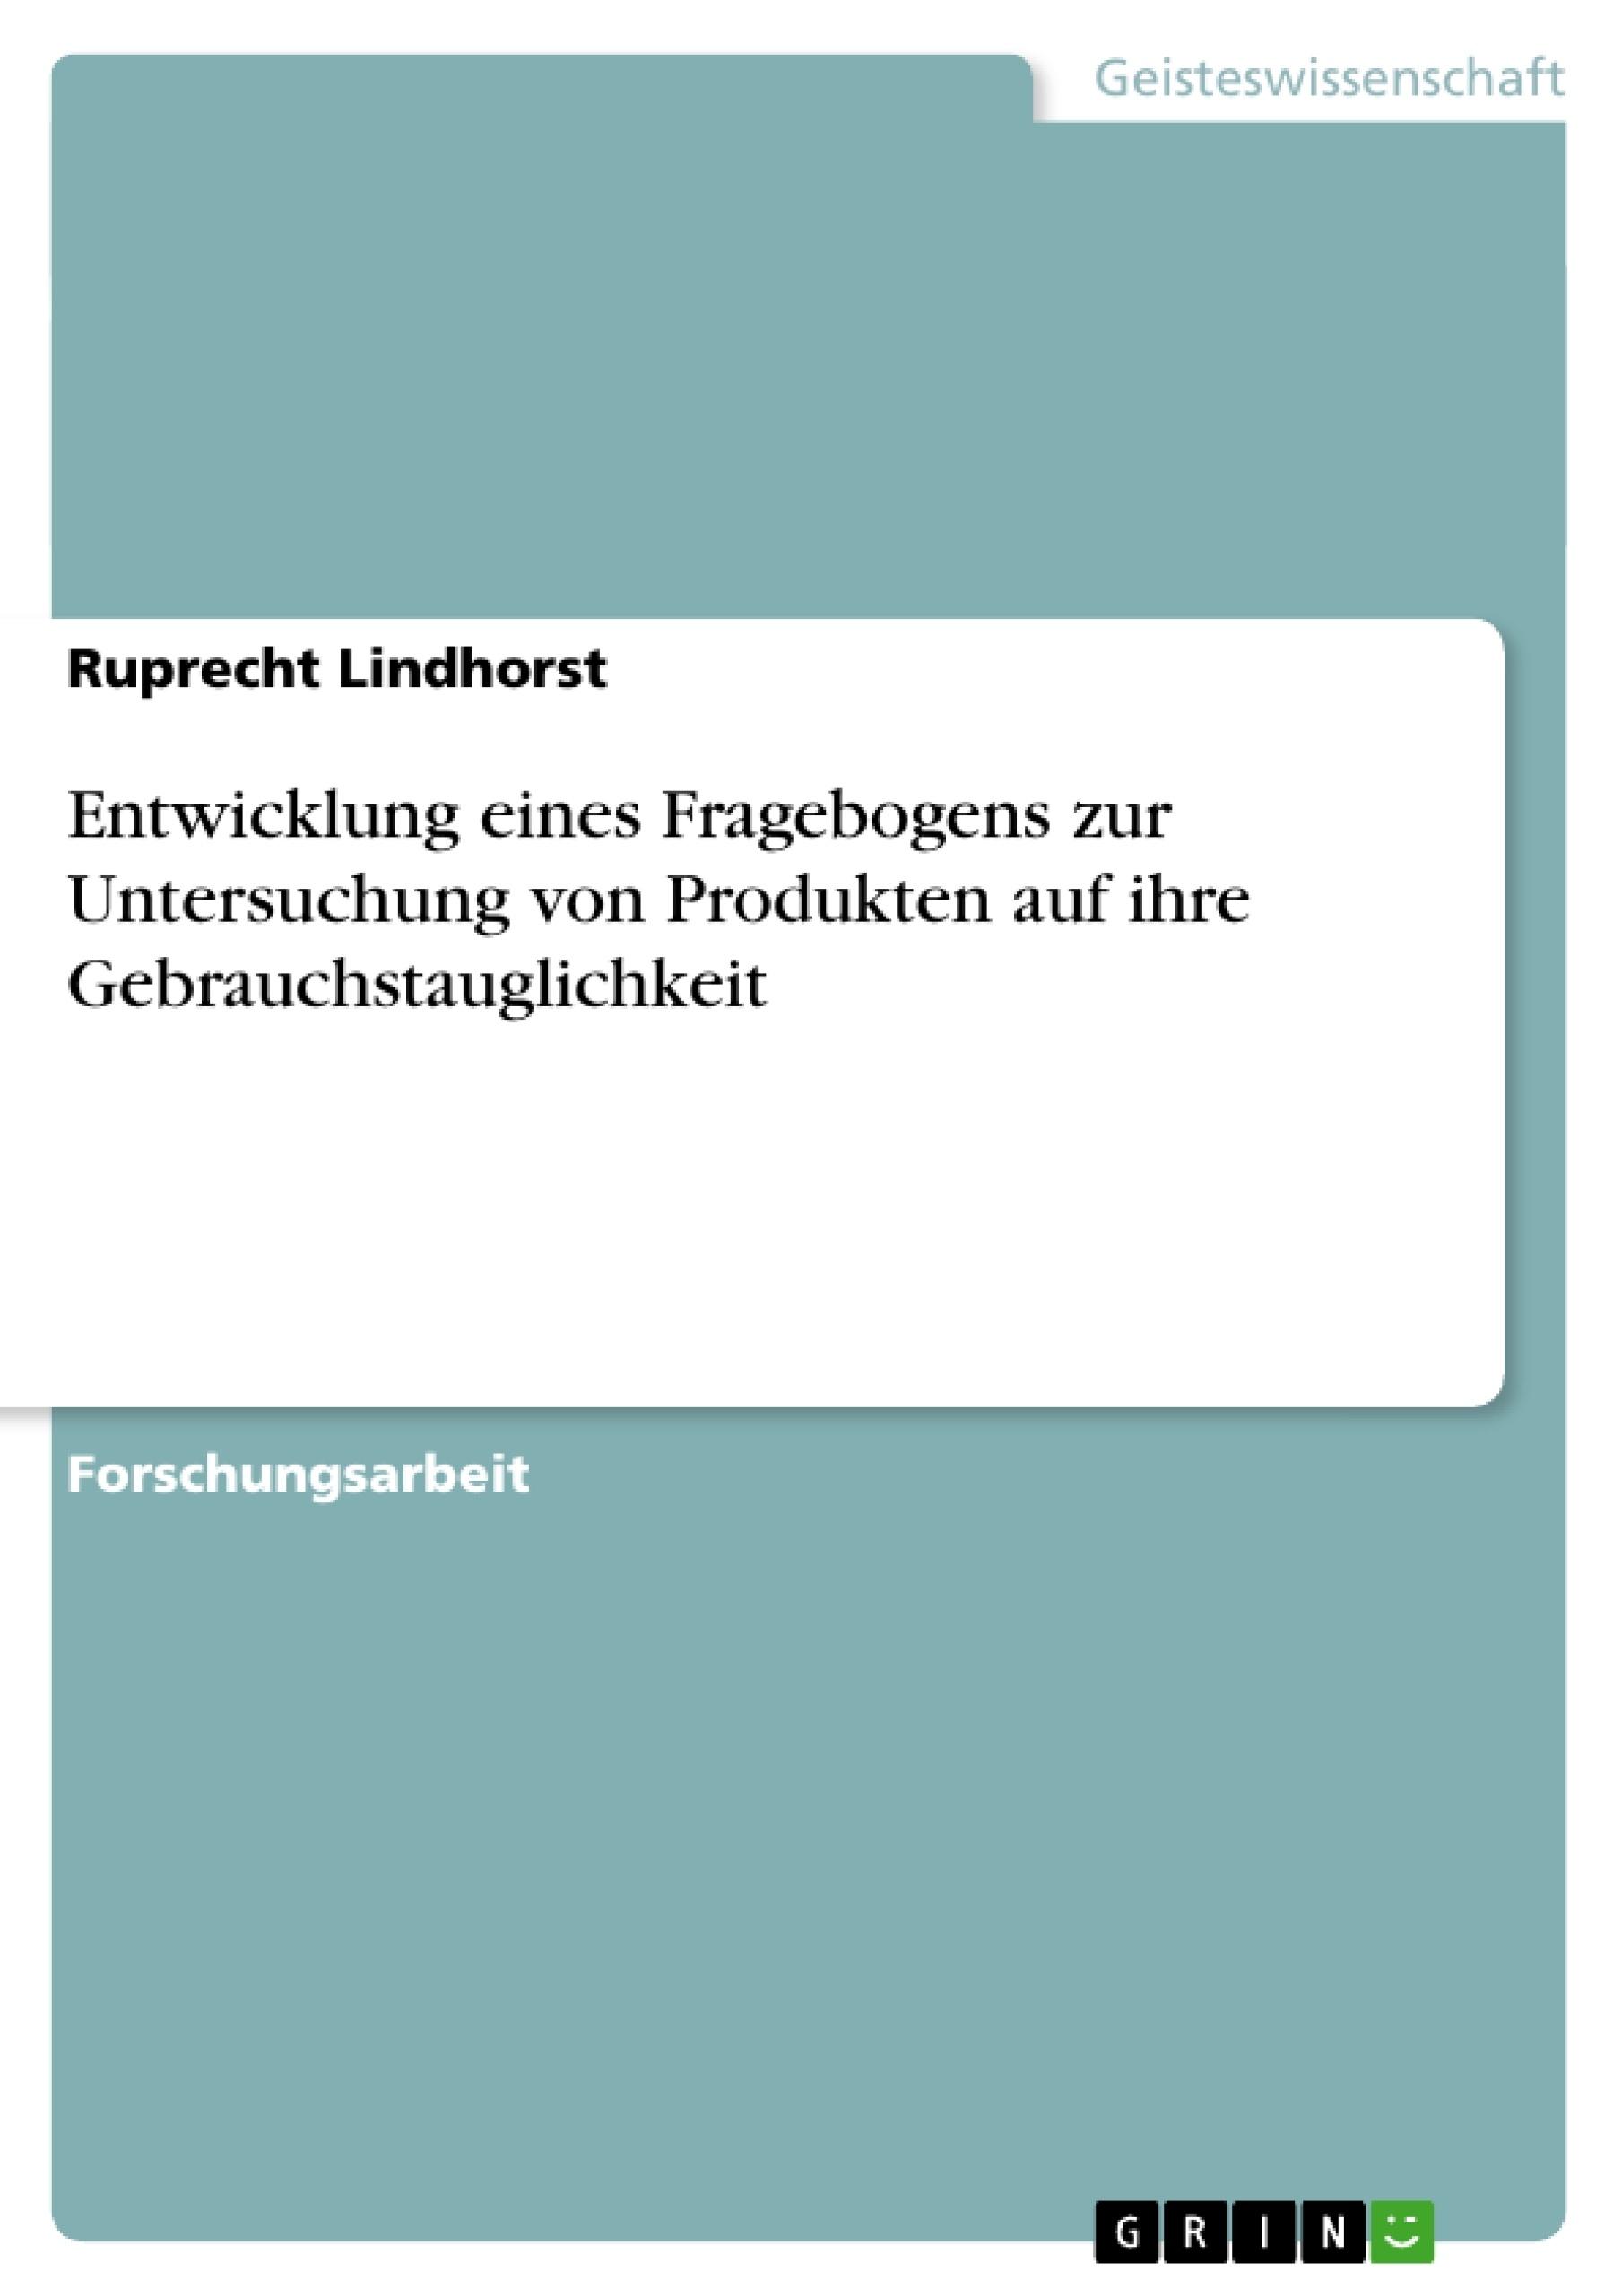 Titel: Entwicklung eines Fragebogens zur Untersuchung von Produkten auf ihre Gebrauchstauglichkeit